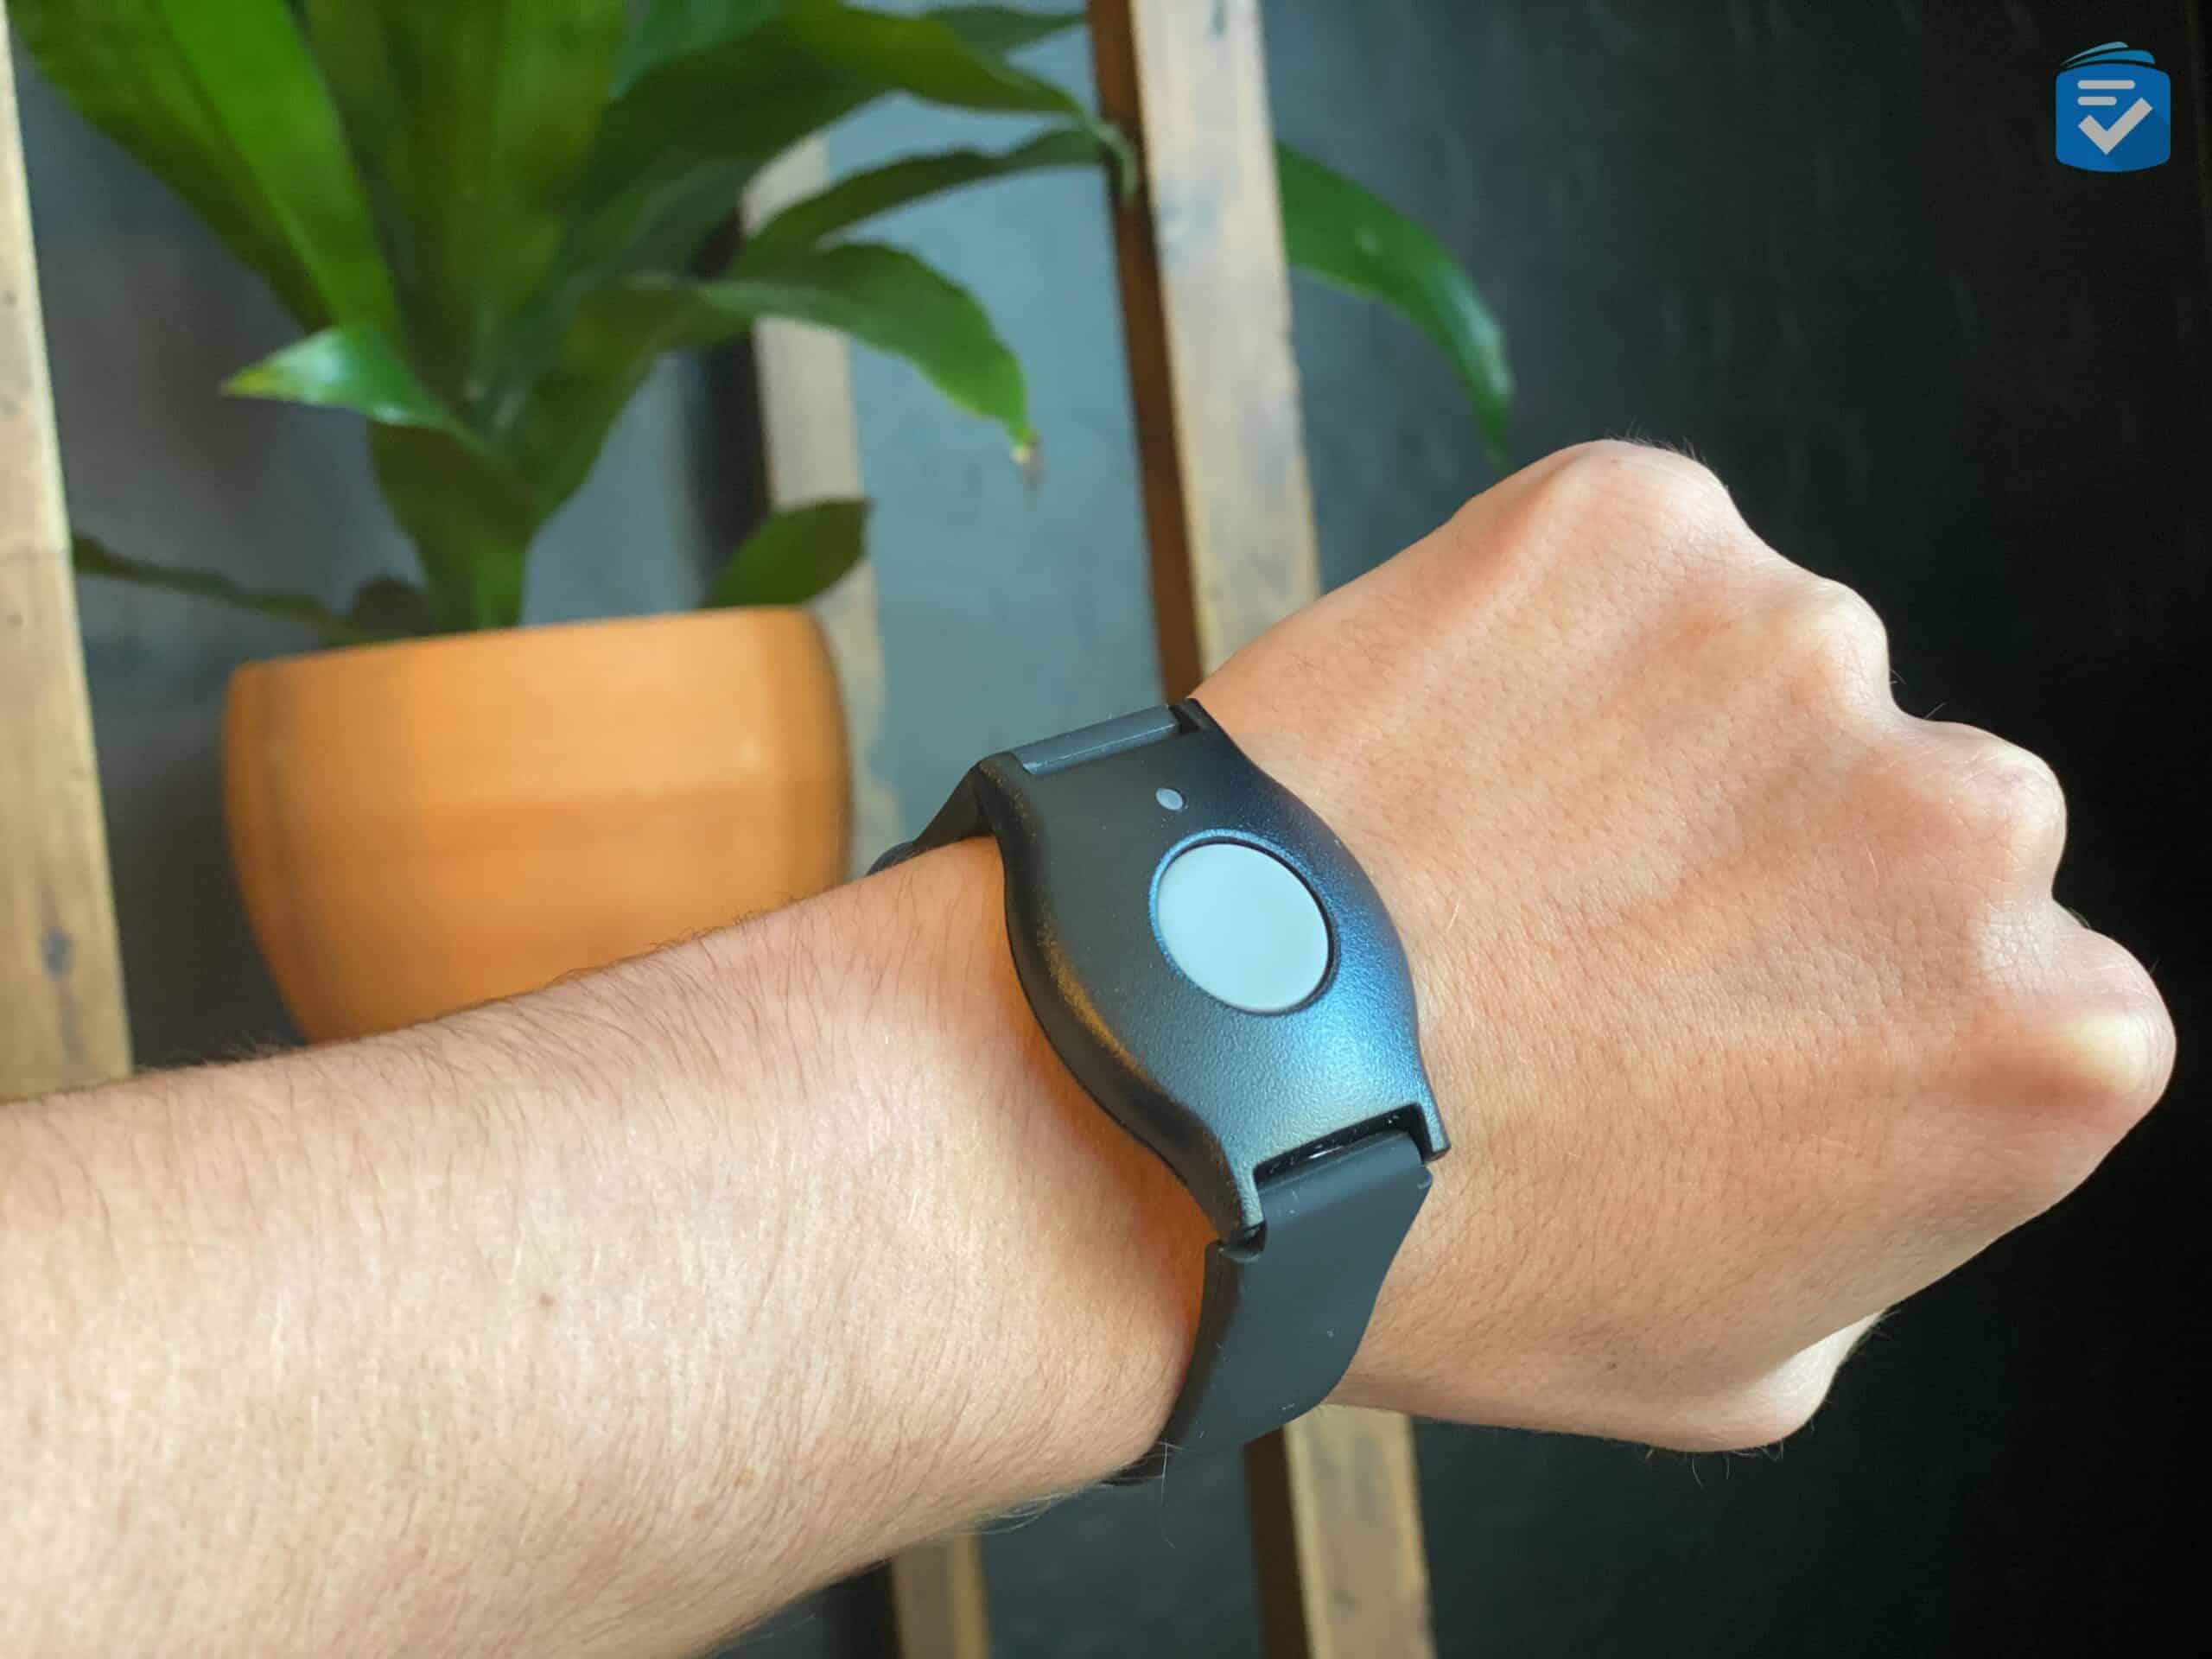 LifeFone Wristband